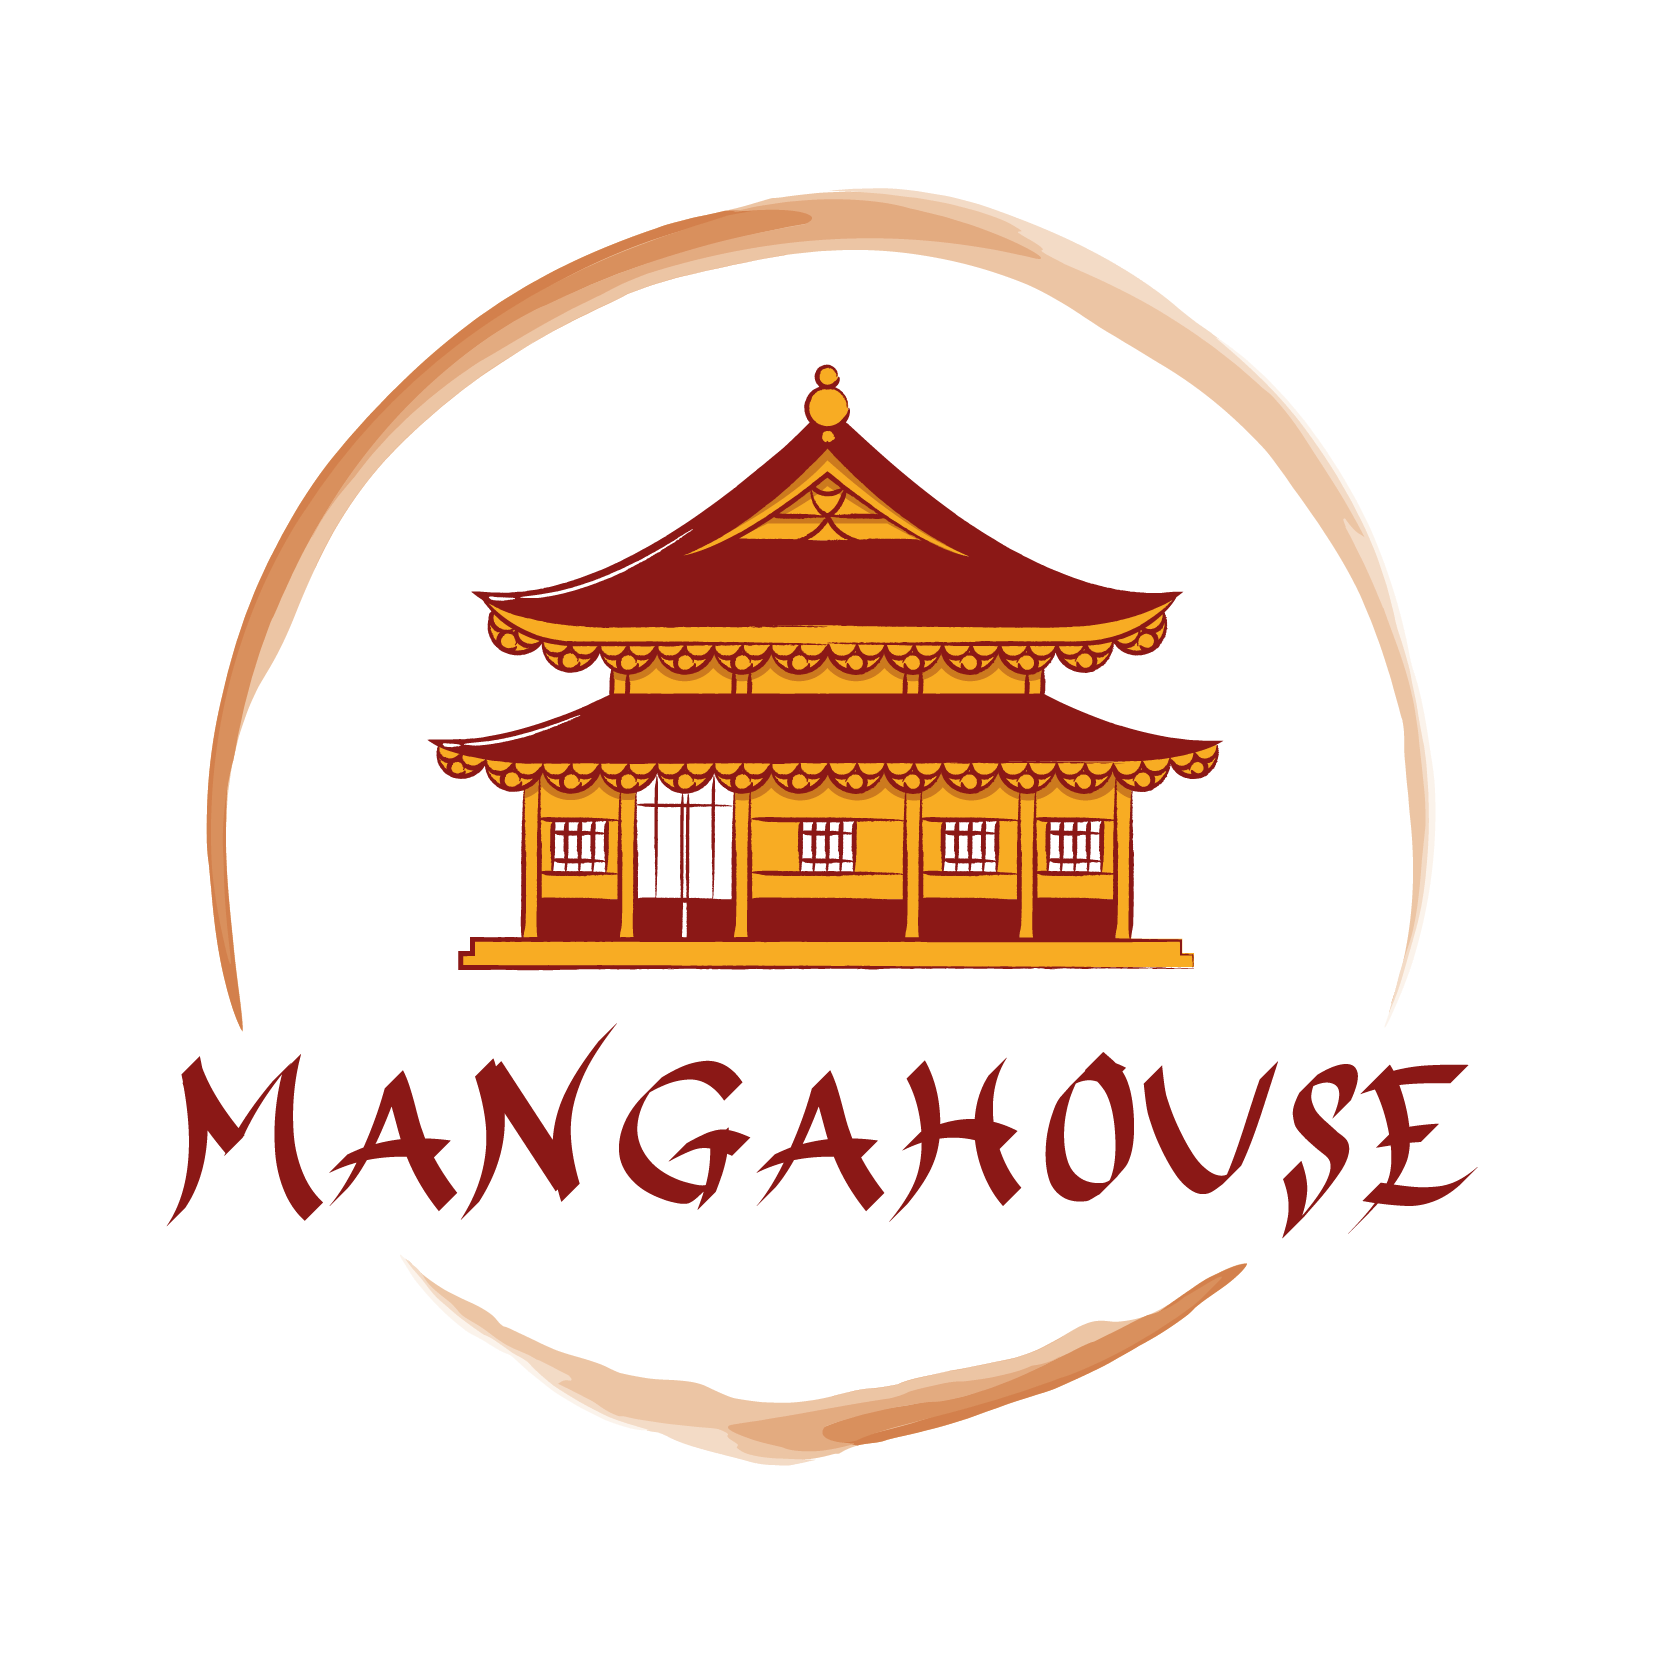 Mangahouse boutique en ligne de figurines et produits dérivés du manga et animé